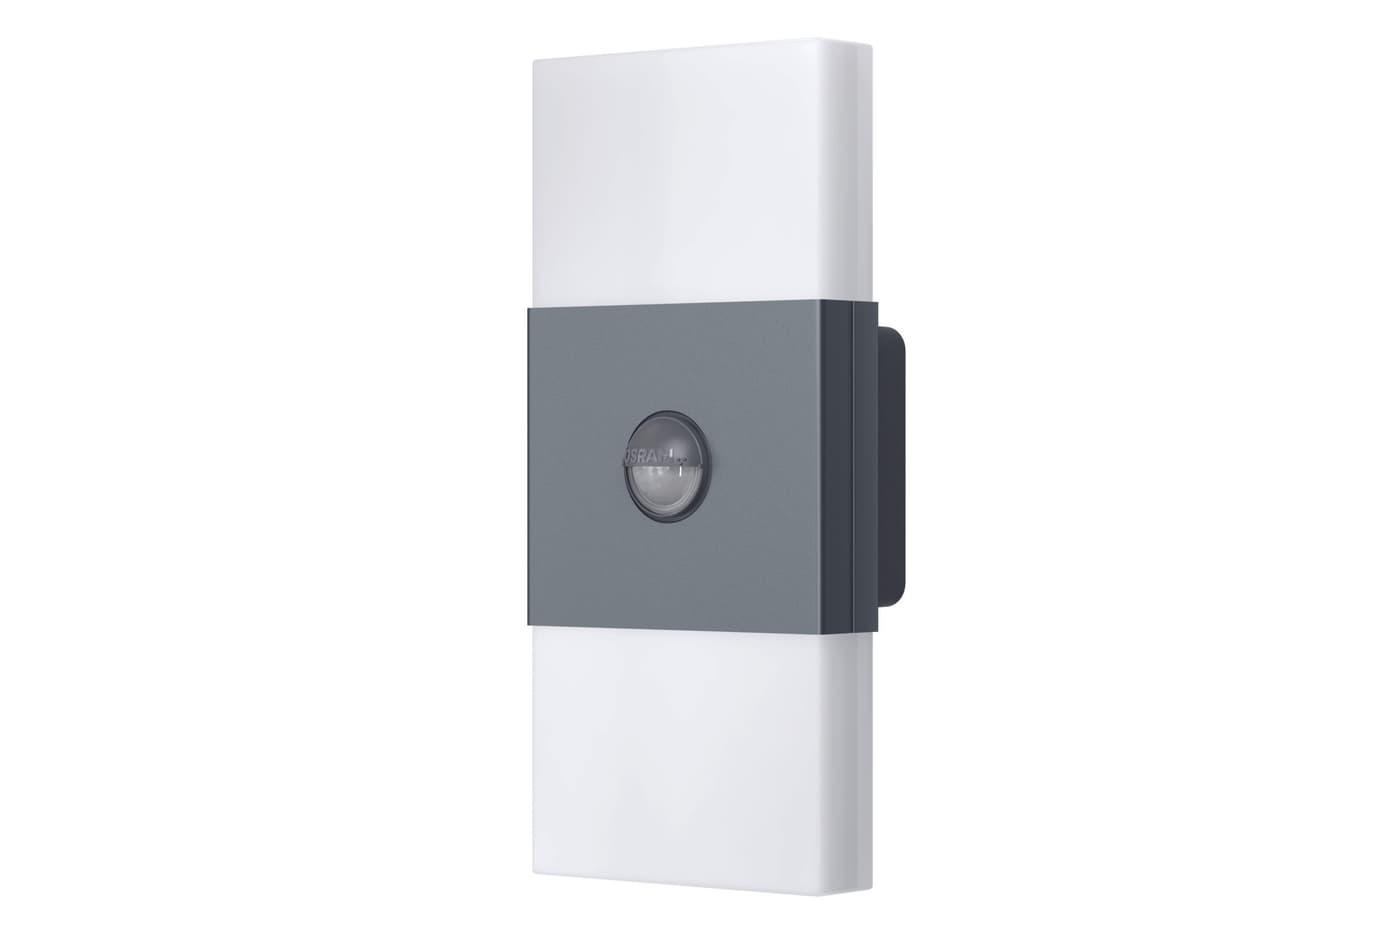 Lampade Da Parete Per Esterni : Osram noxlite lampada da parete per esterno luci a sensore